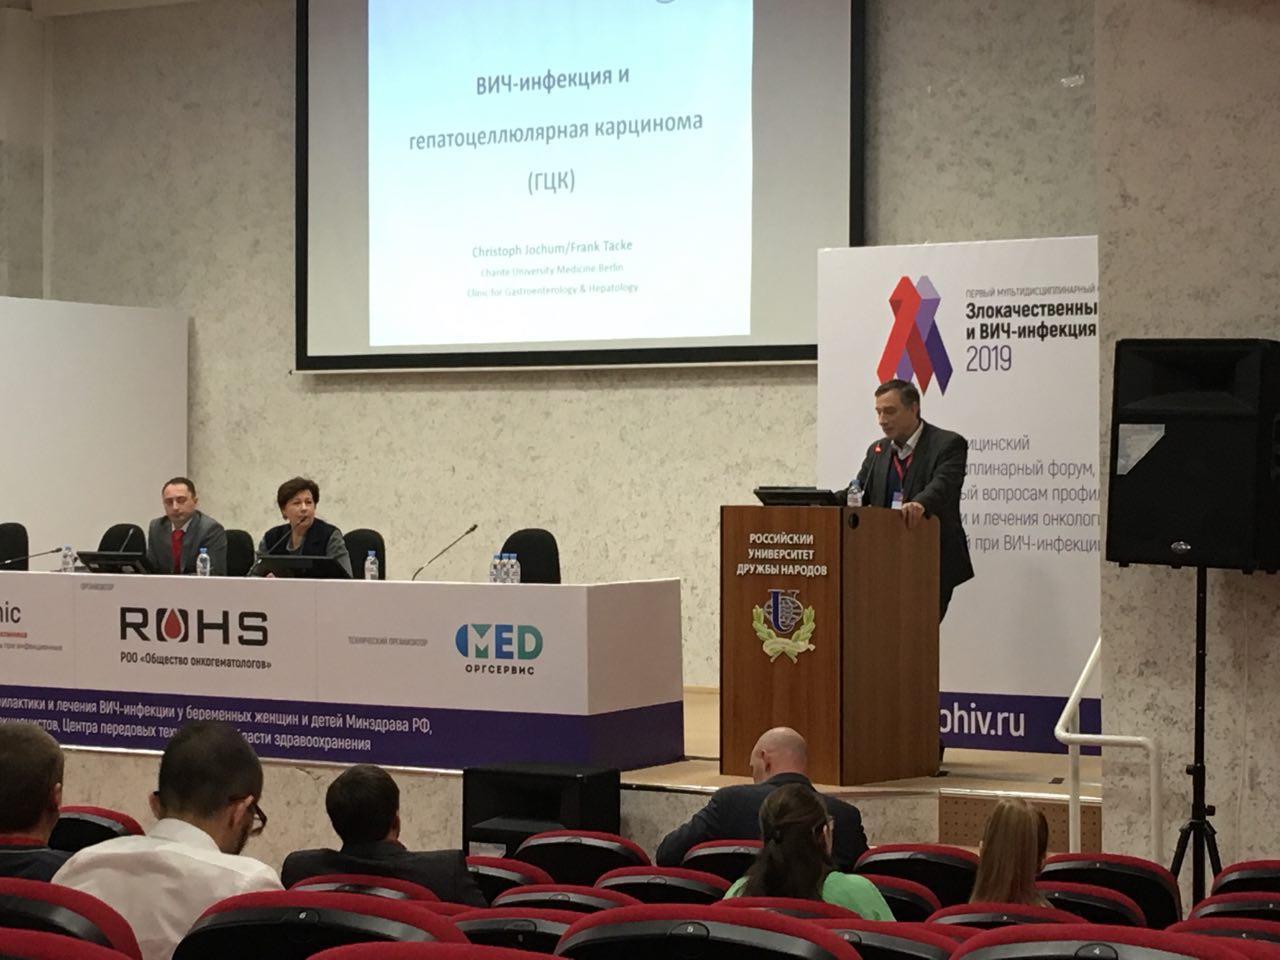 Регулярное прохождение УЗИ способно снизить риск развития ГЦК у людей с ВИЧ - изображение 1